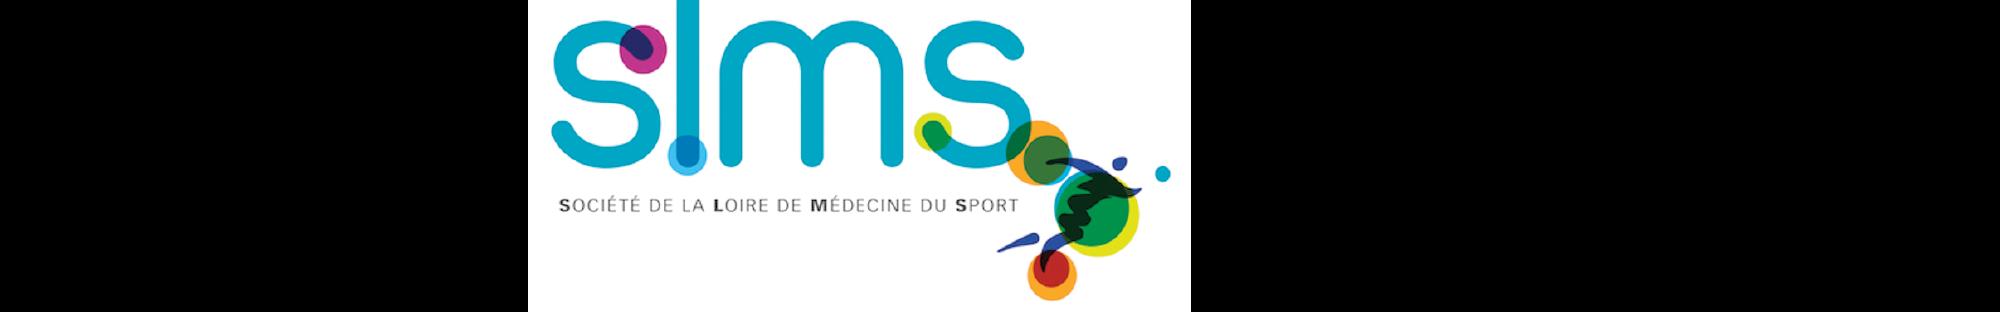 Adhésion 2017 - Société de la Loire de Médecine du Sport